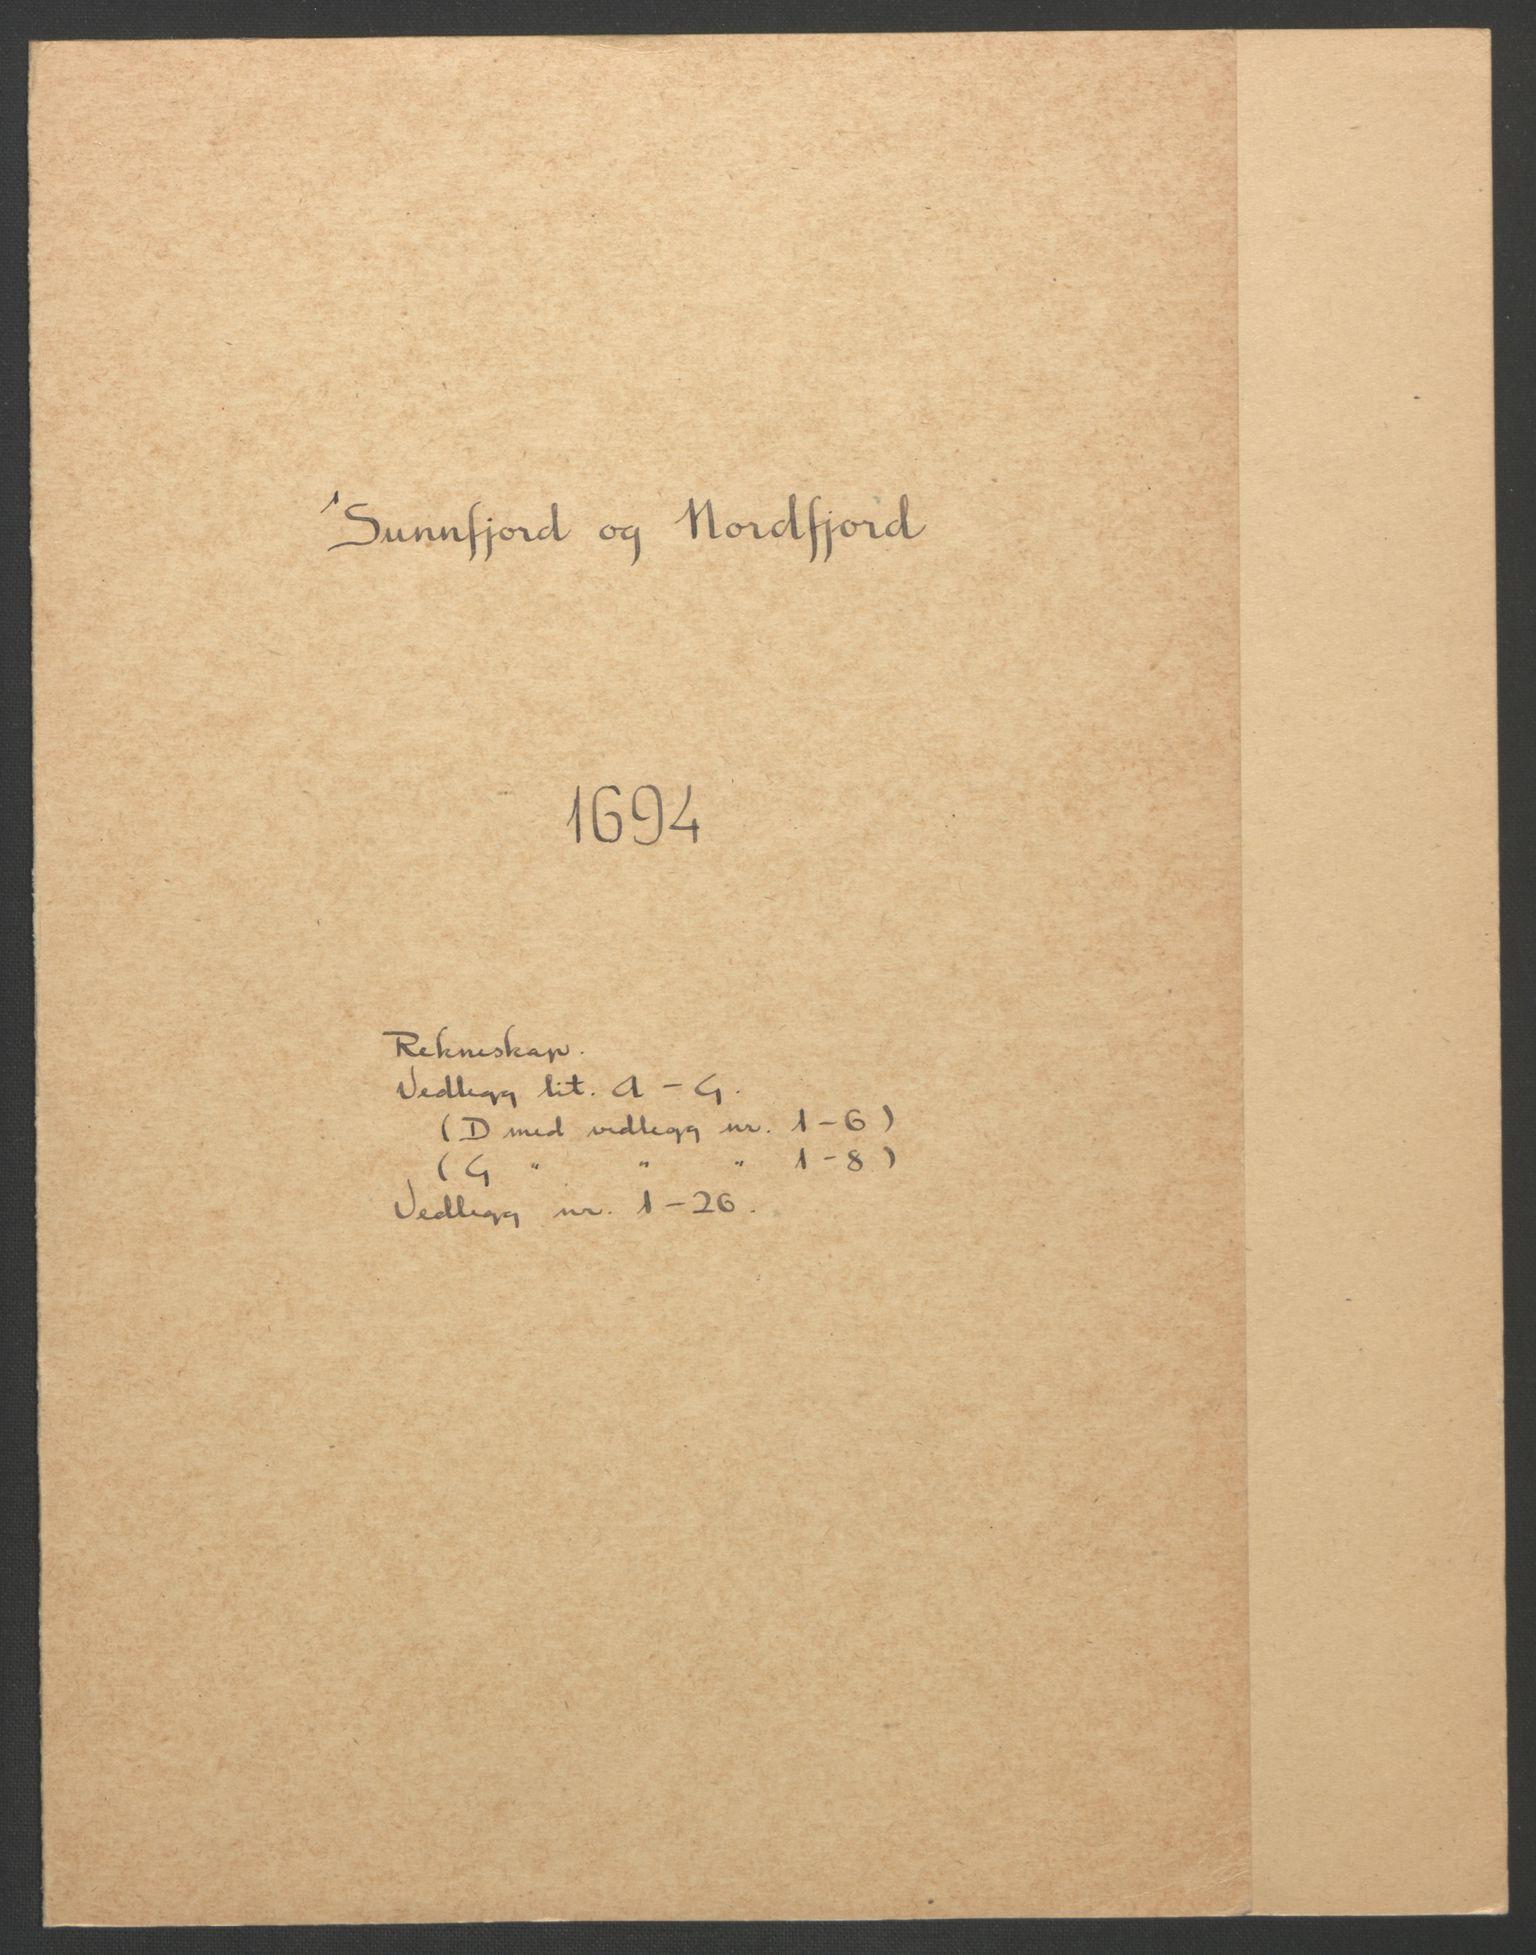 RA, Rentekammeret inntil 1814, Reviderte regnskaper, Fogderegnskap, R53/L3421: Fogderegnskap Sunn- og Nordfjord, 1693-1694, s. 248